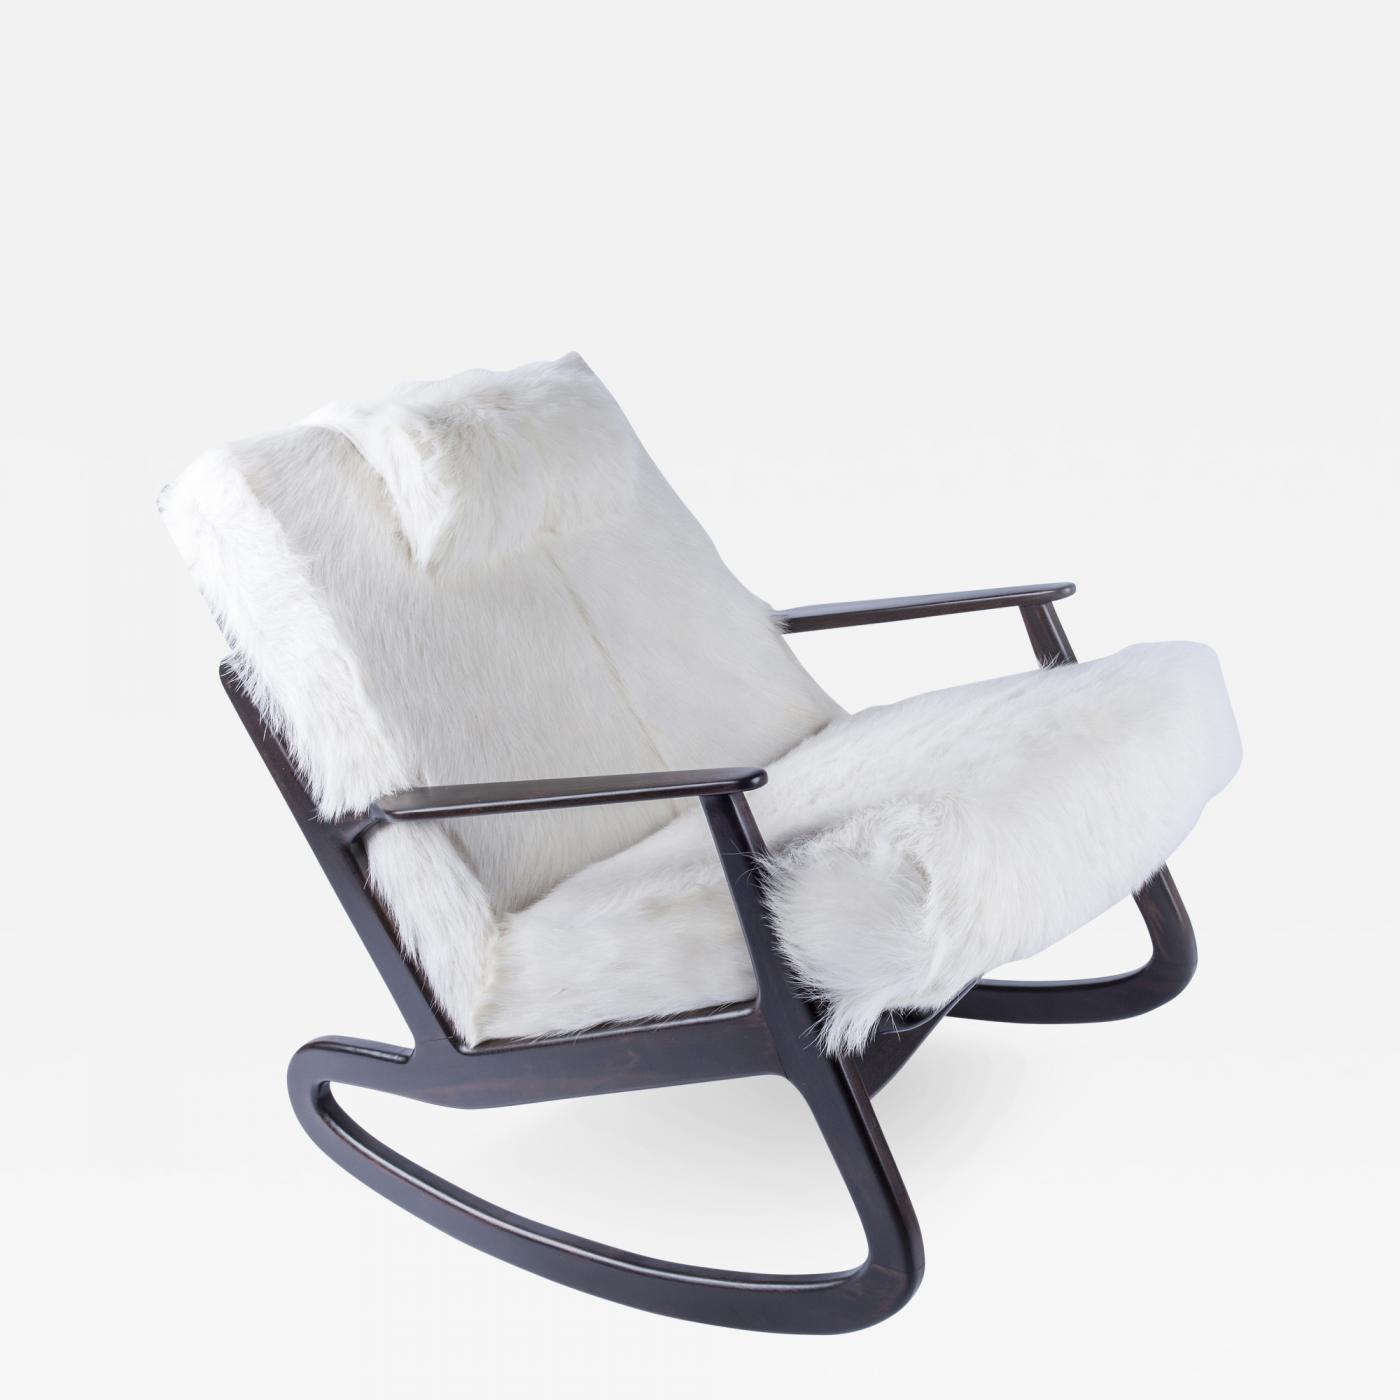 Rocking Chair in the Manner of Vladimir Kagan